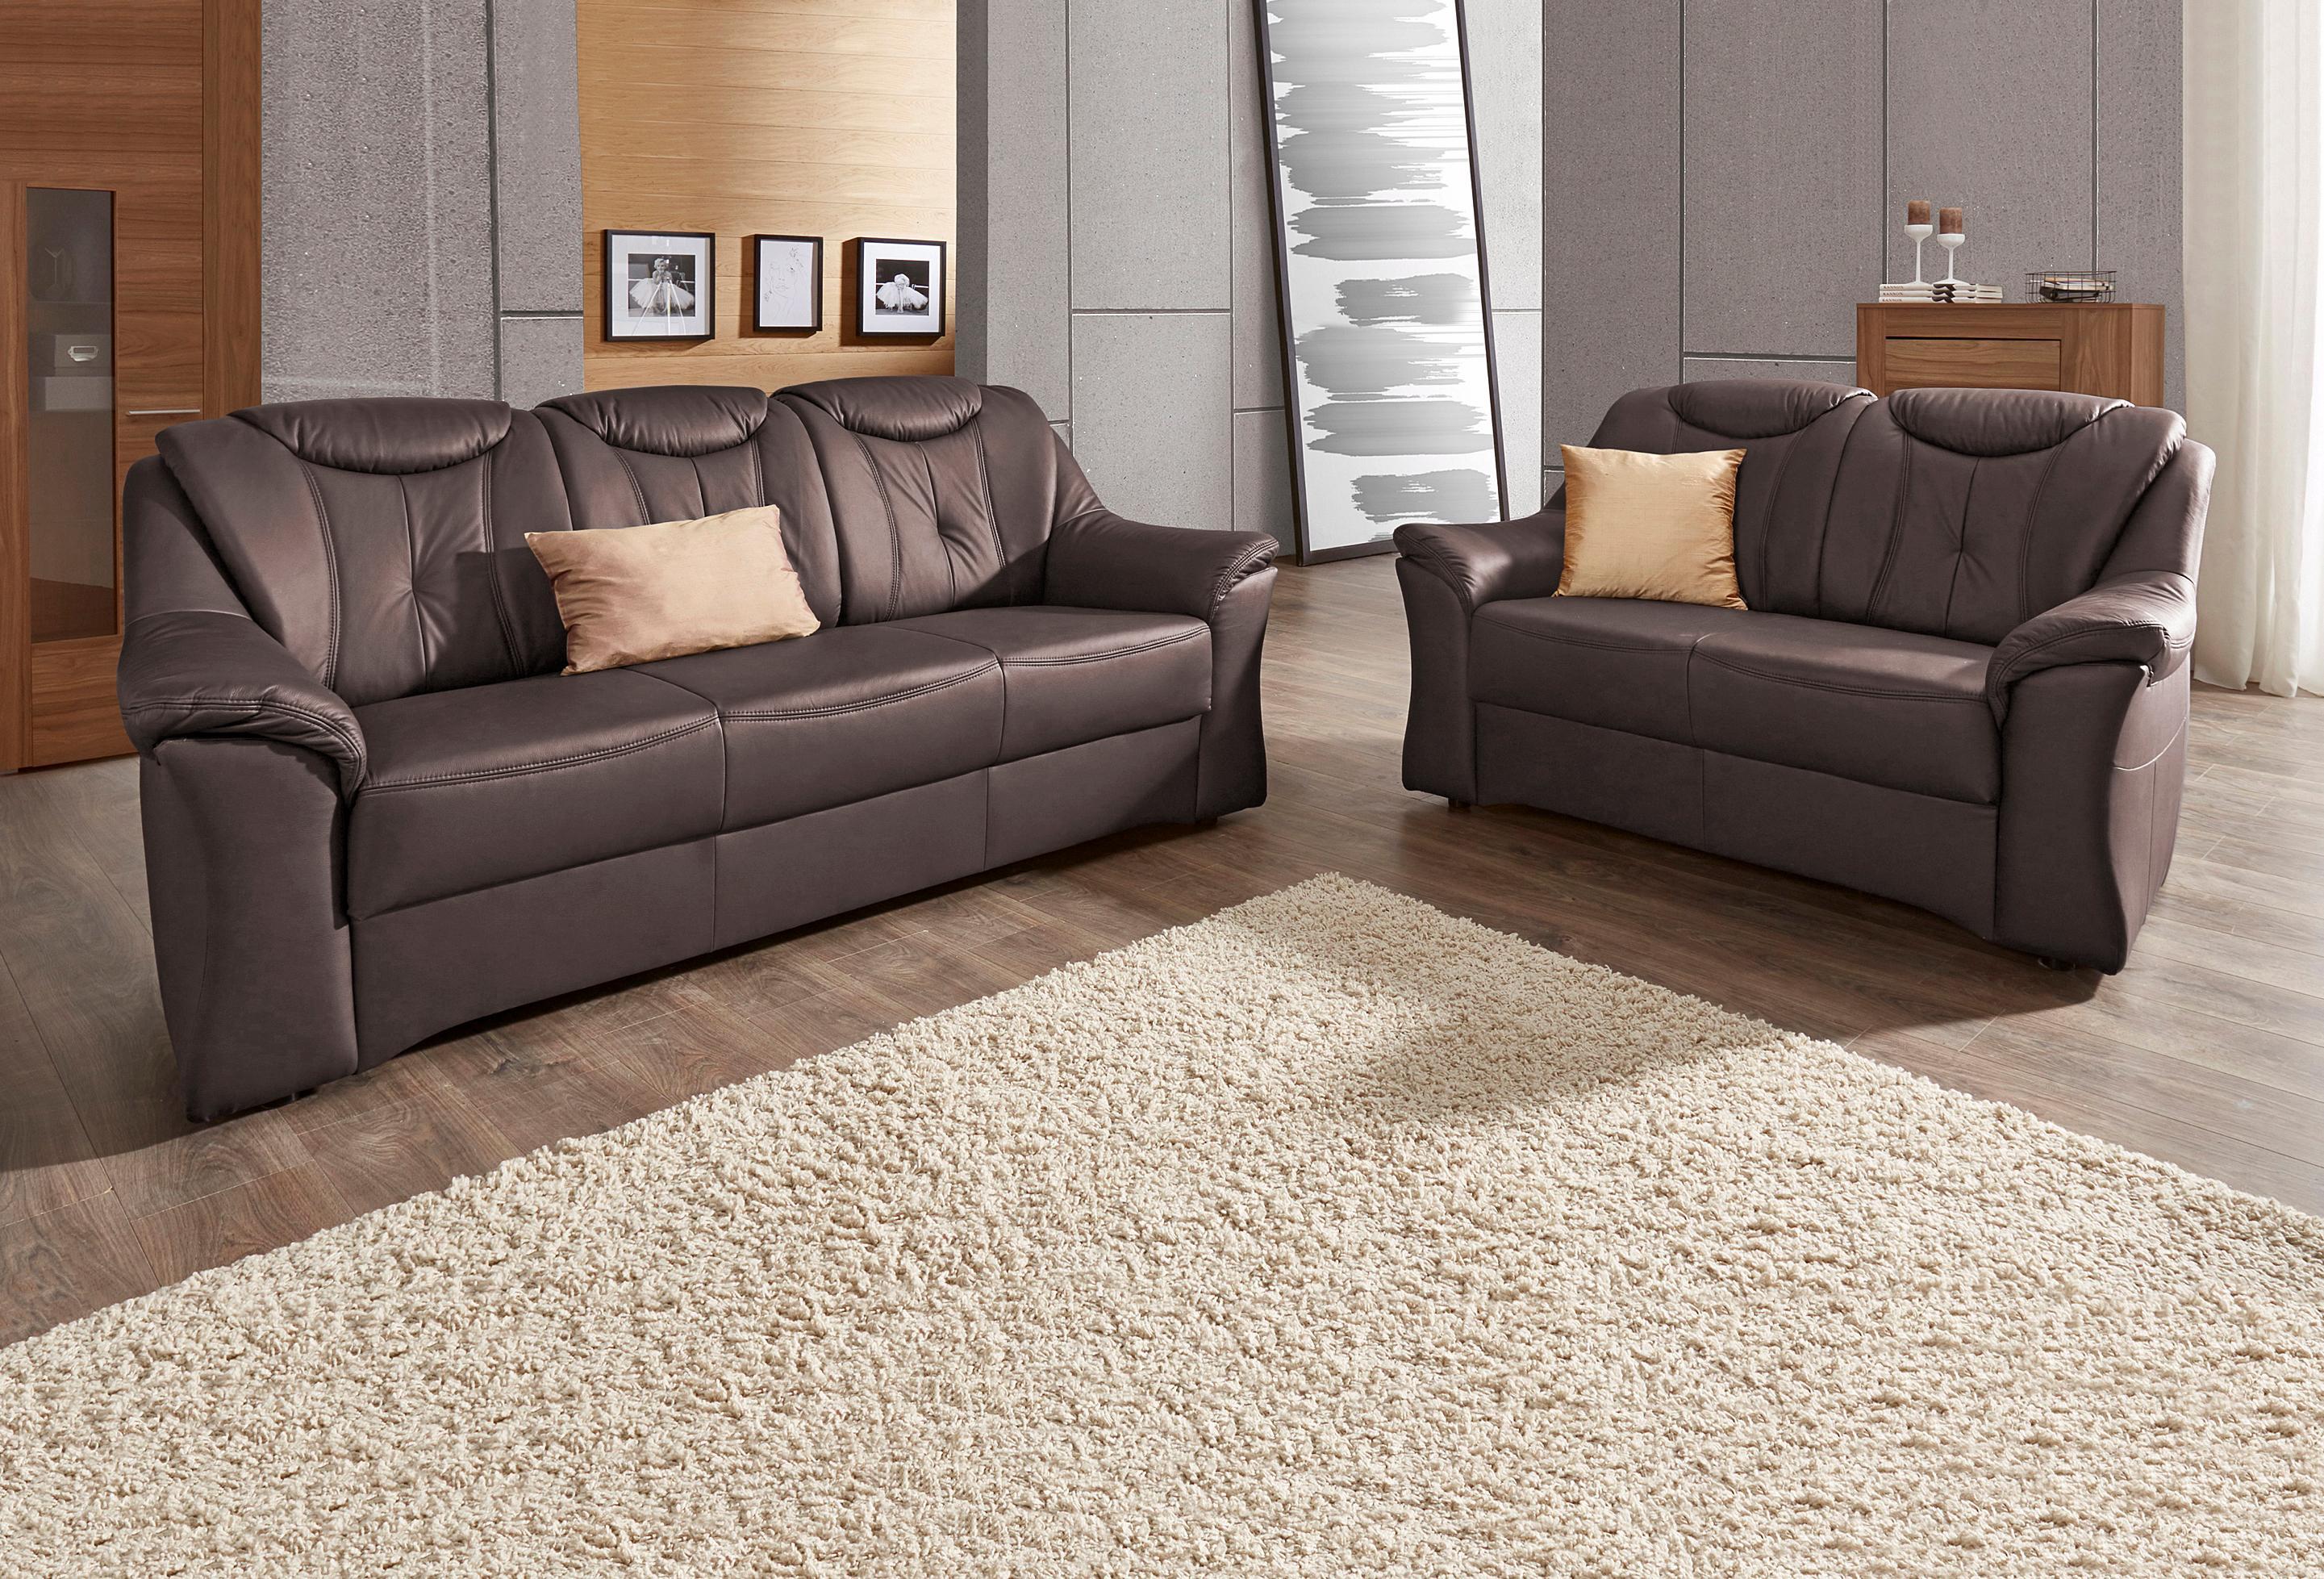 sit&more Garnitur 3- und 2-Sitzer mit komfortablem Federkern